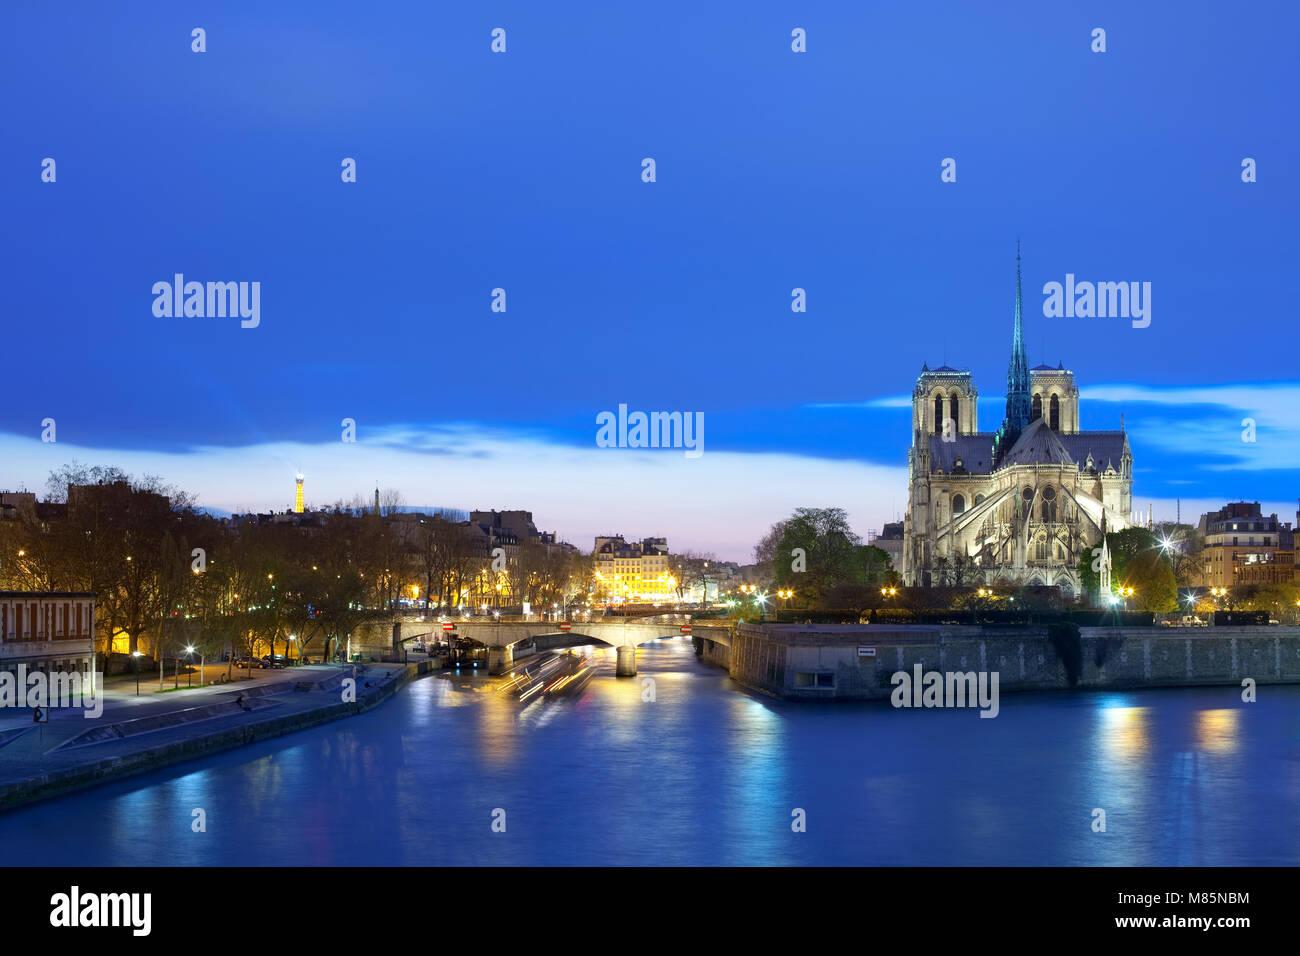 Notre Dame Cathedral on Ile de la Cite and Pont de l'Archeveche bridge over the Seine River, Paris, France Stock Photo